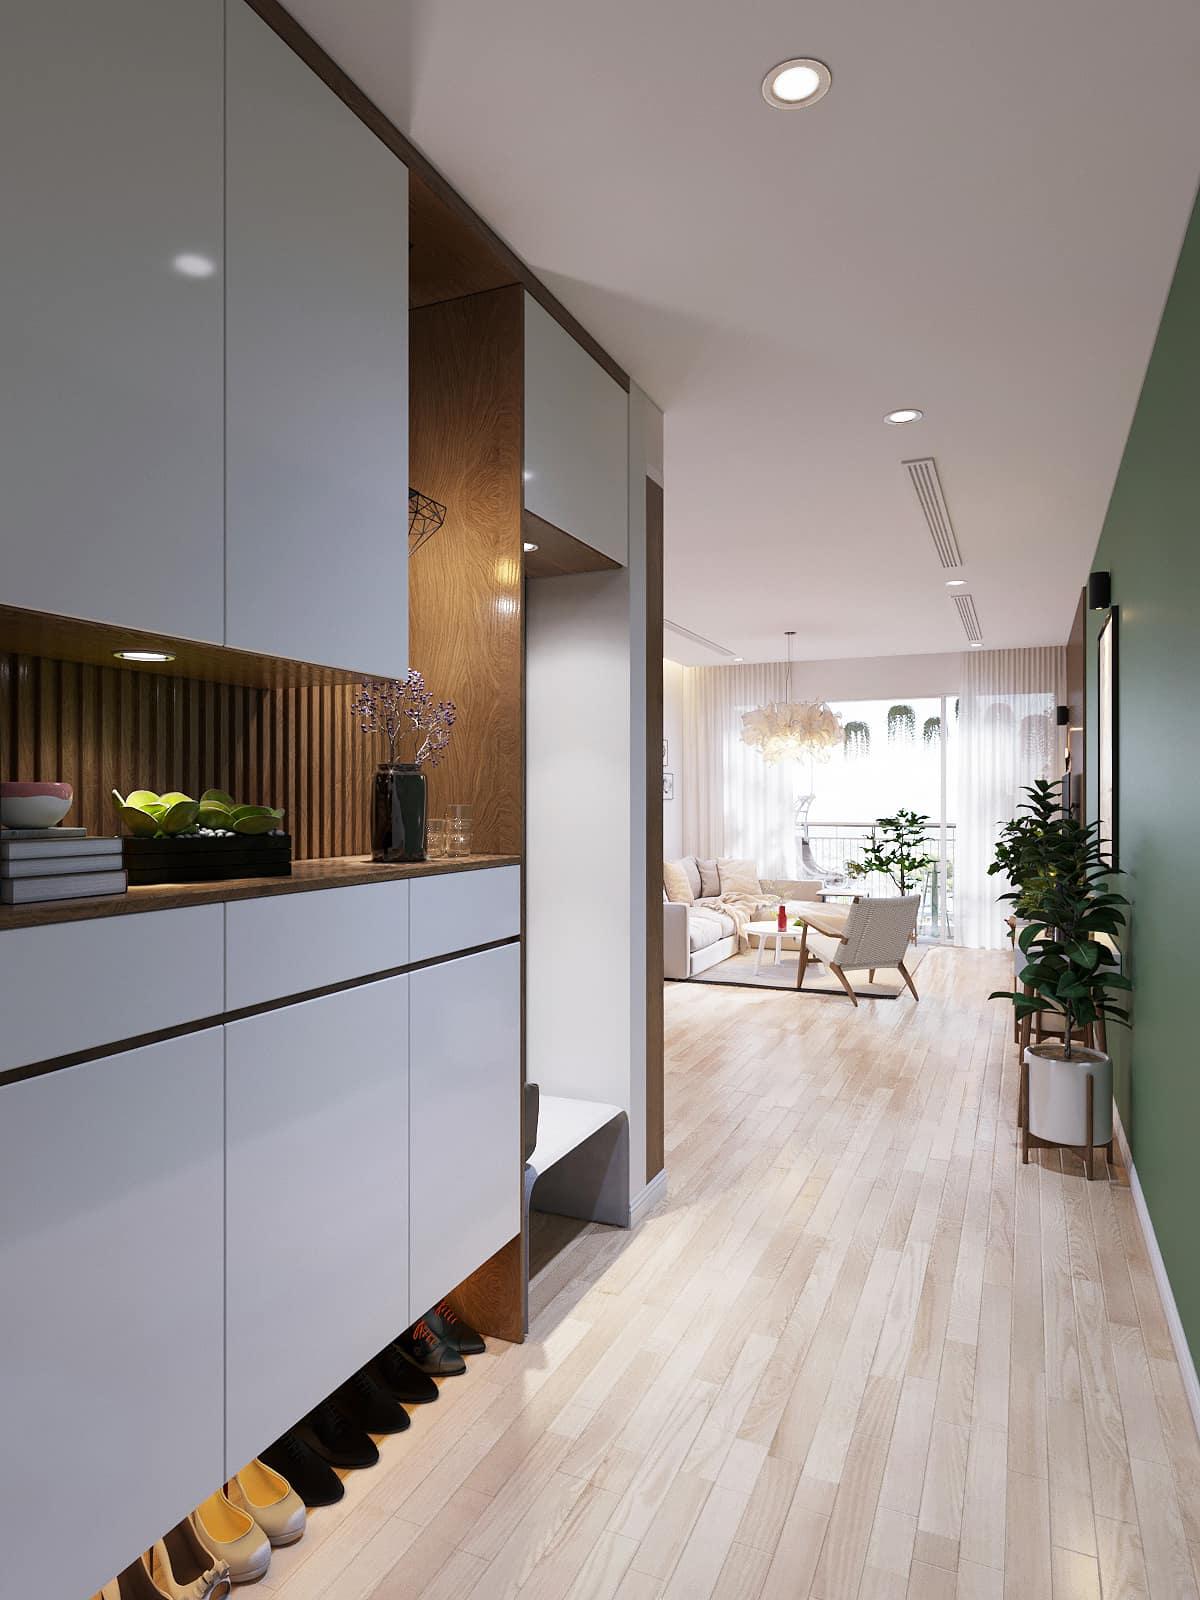 Использование приятных контрастных цветов в оформлении гостиной комнаты